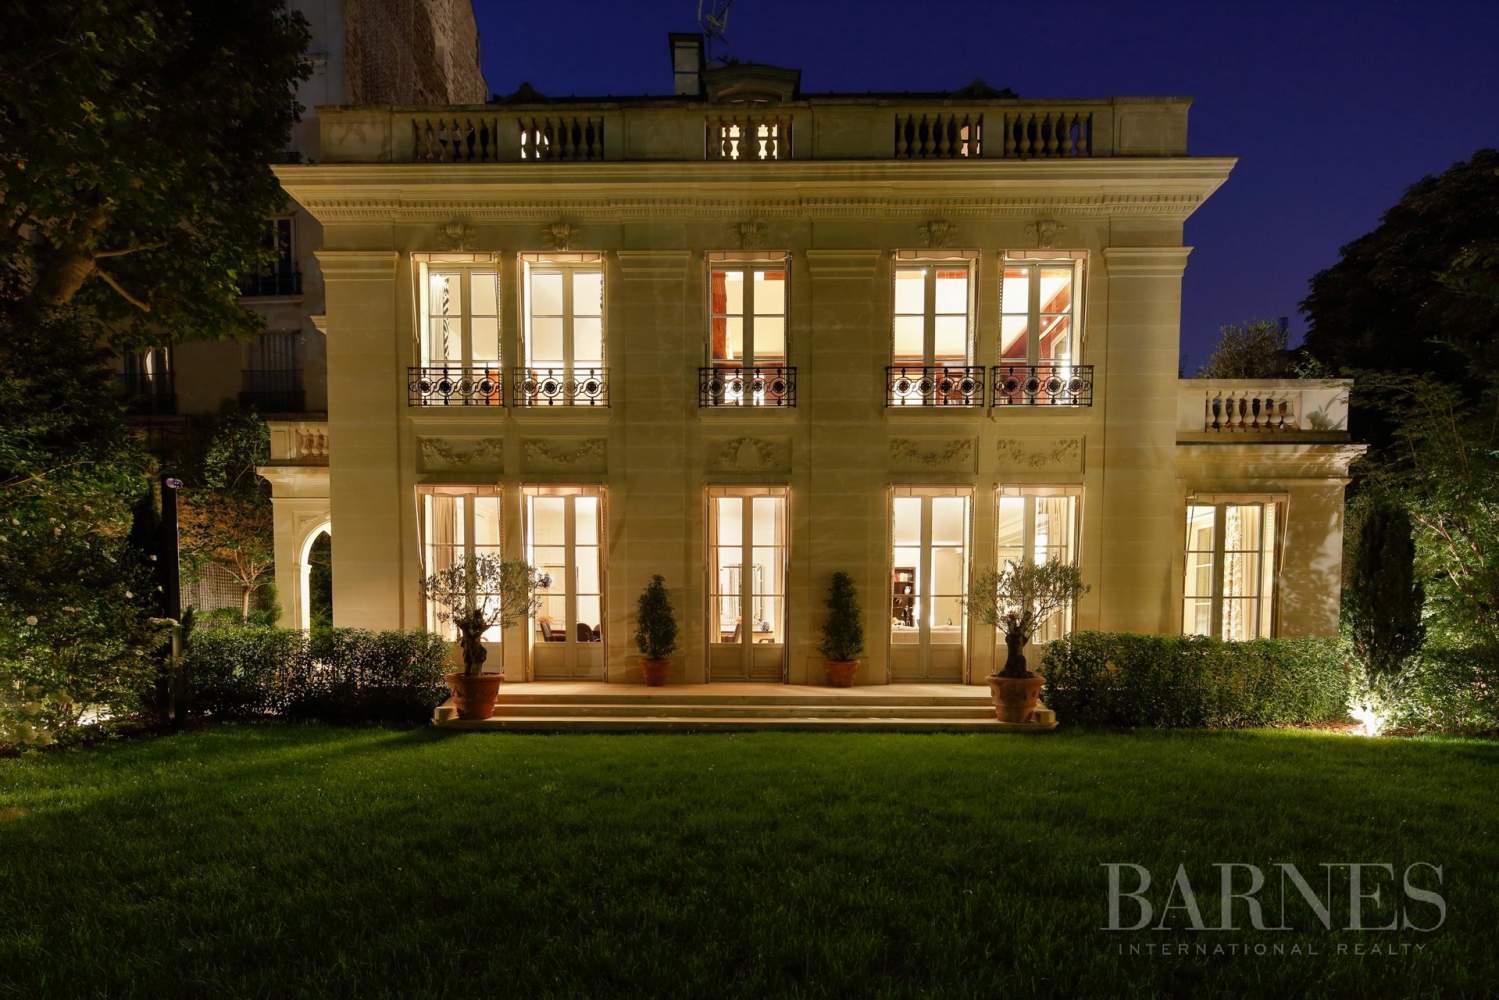 Vente Neuilly Sablons - Propriété D'exception - Jardin Et ... intérieur Le Jardin De Neuilly Hotel